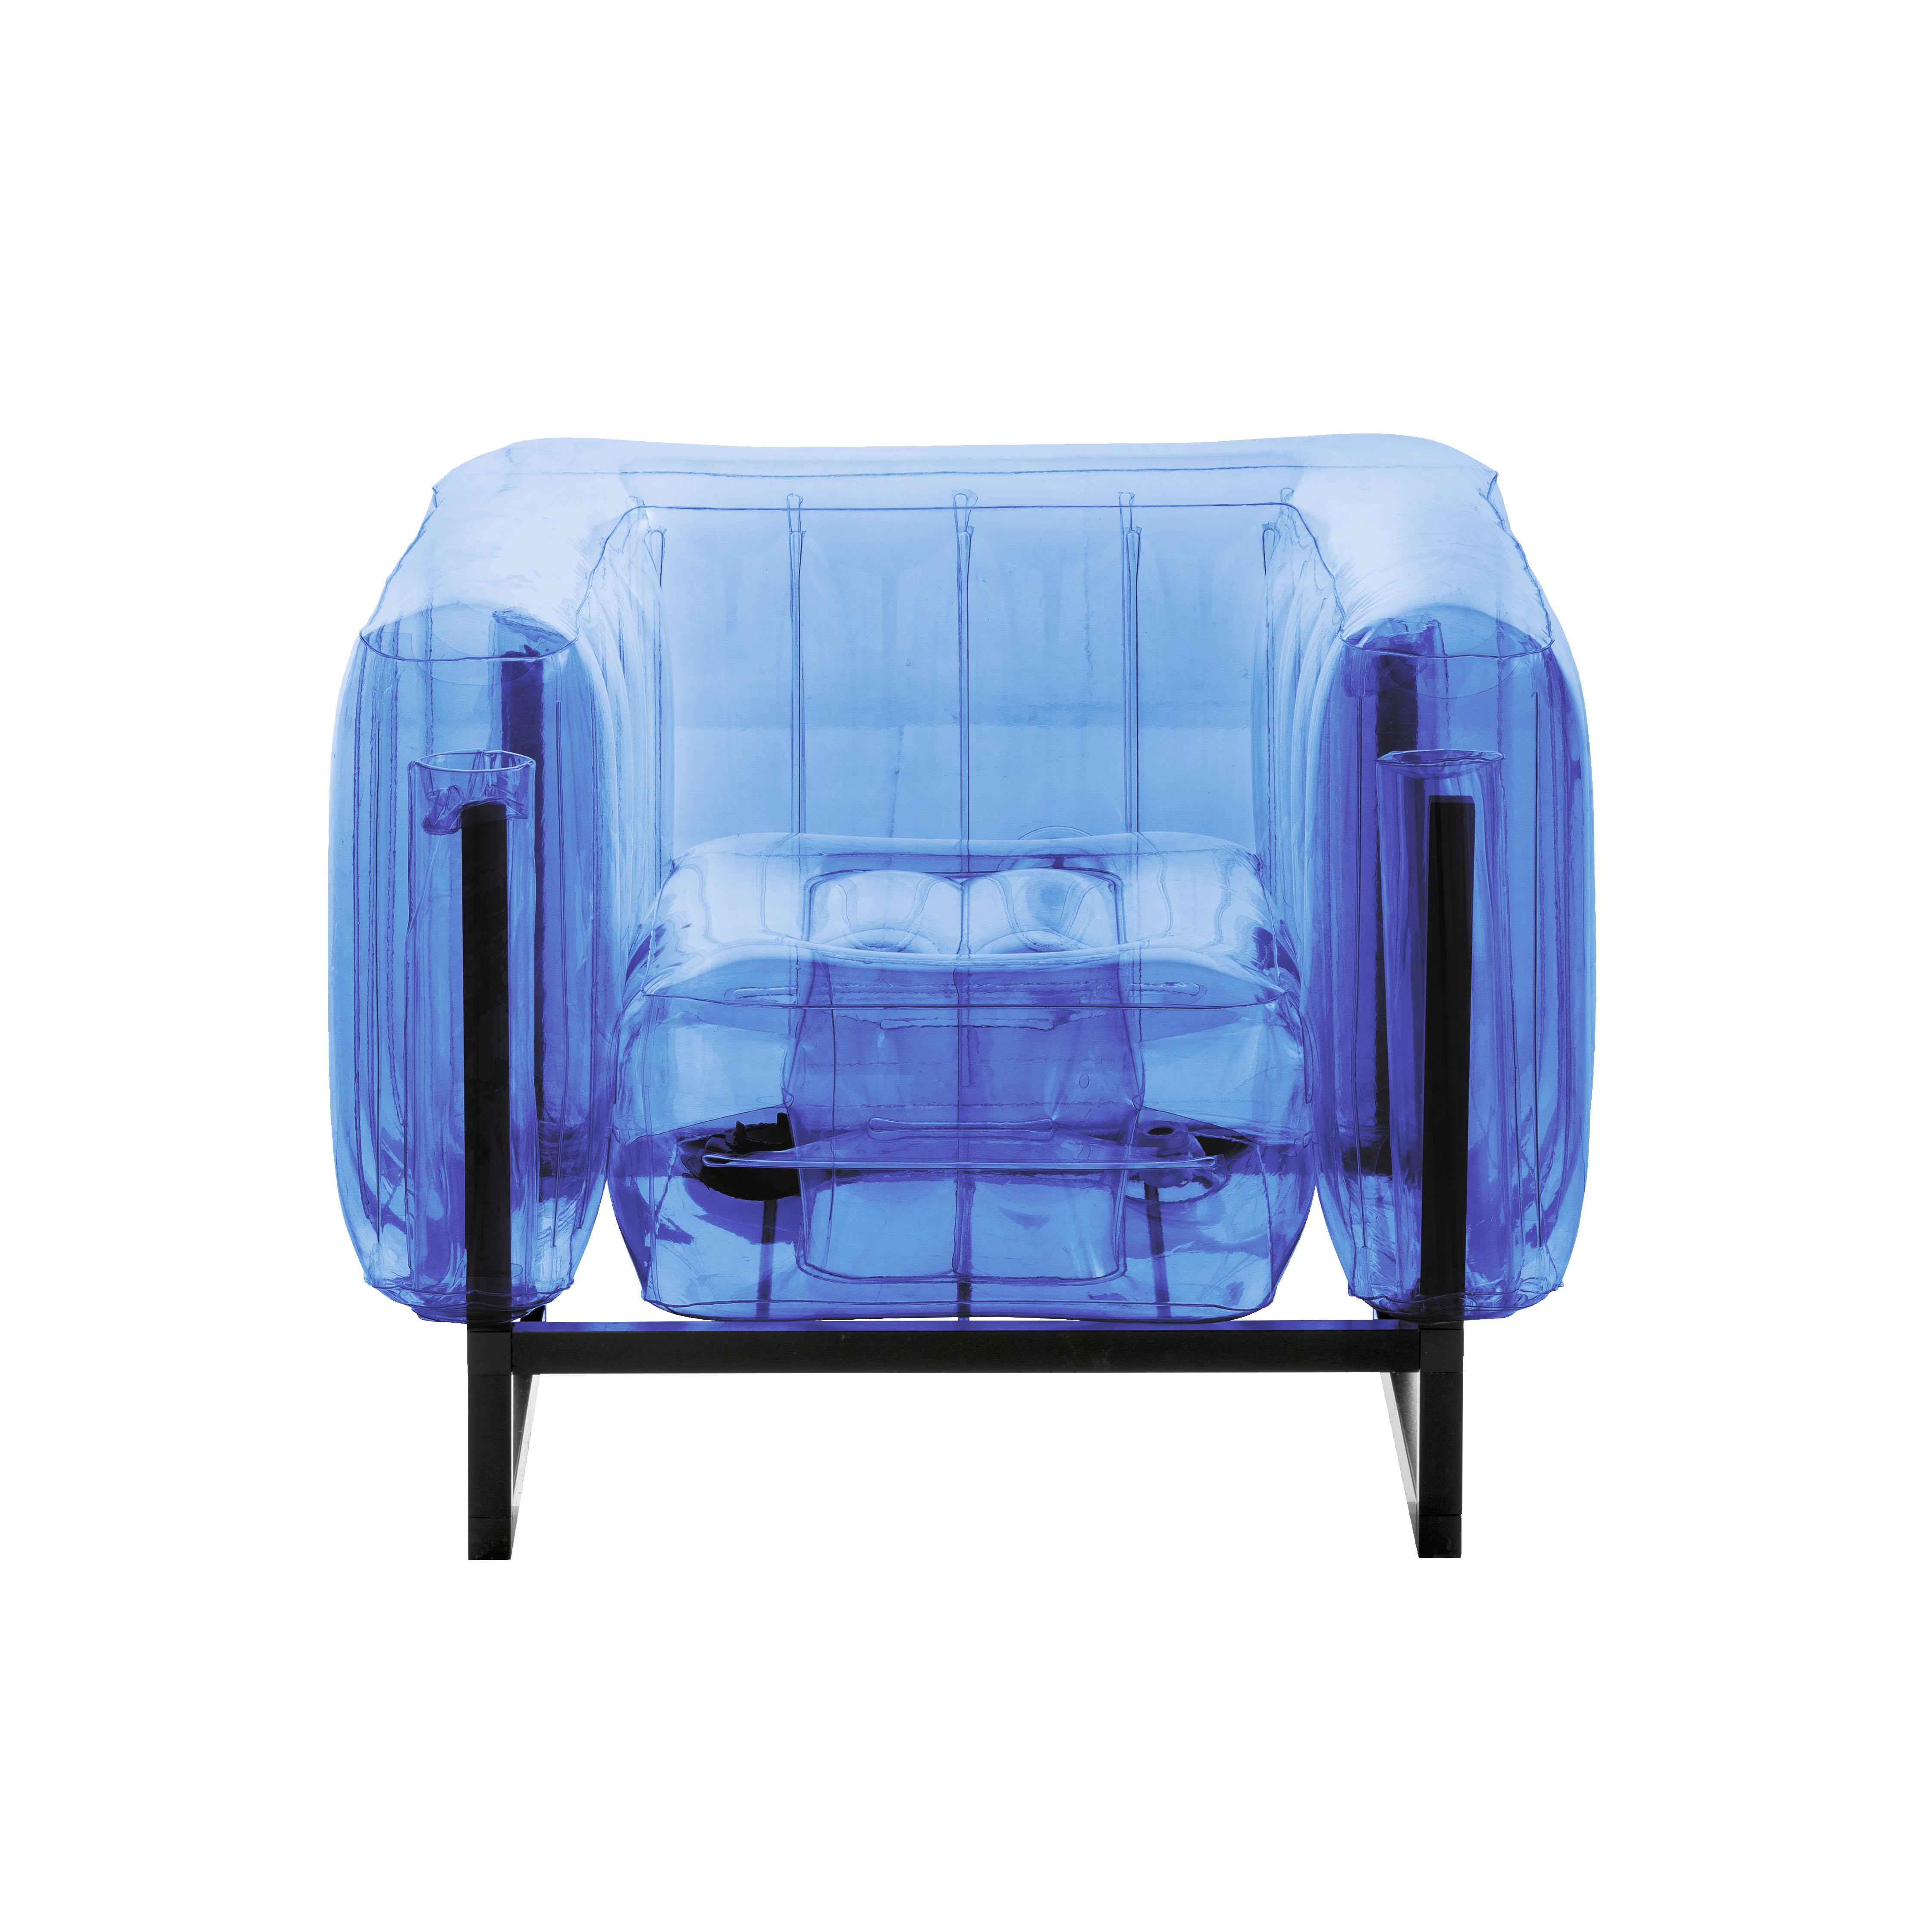 Fauteuil cadre aluminium noir assise tpu bleu